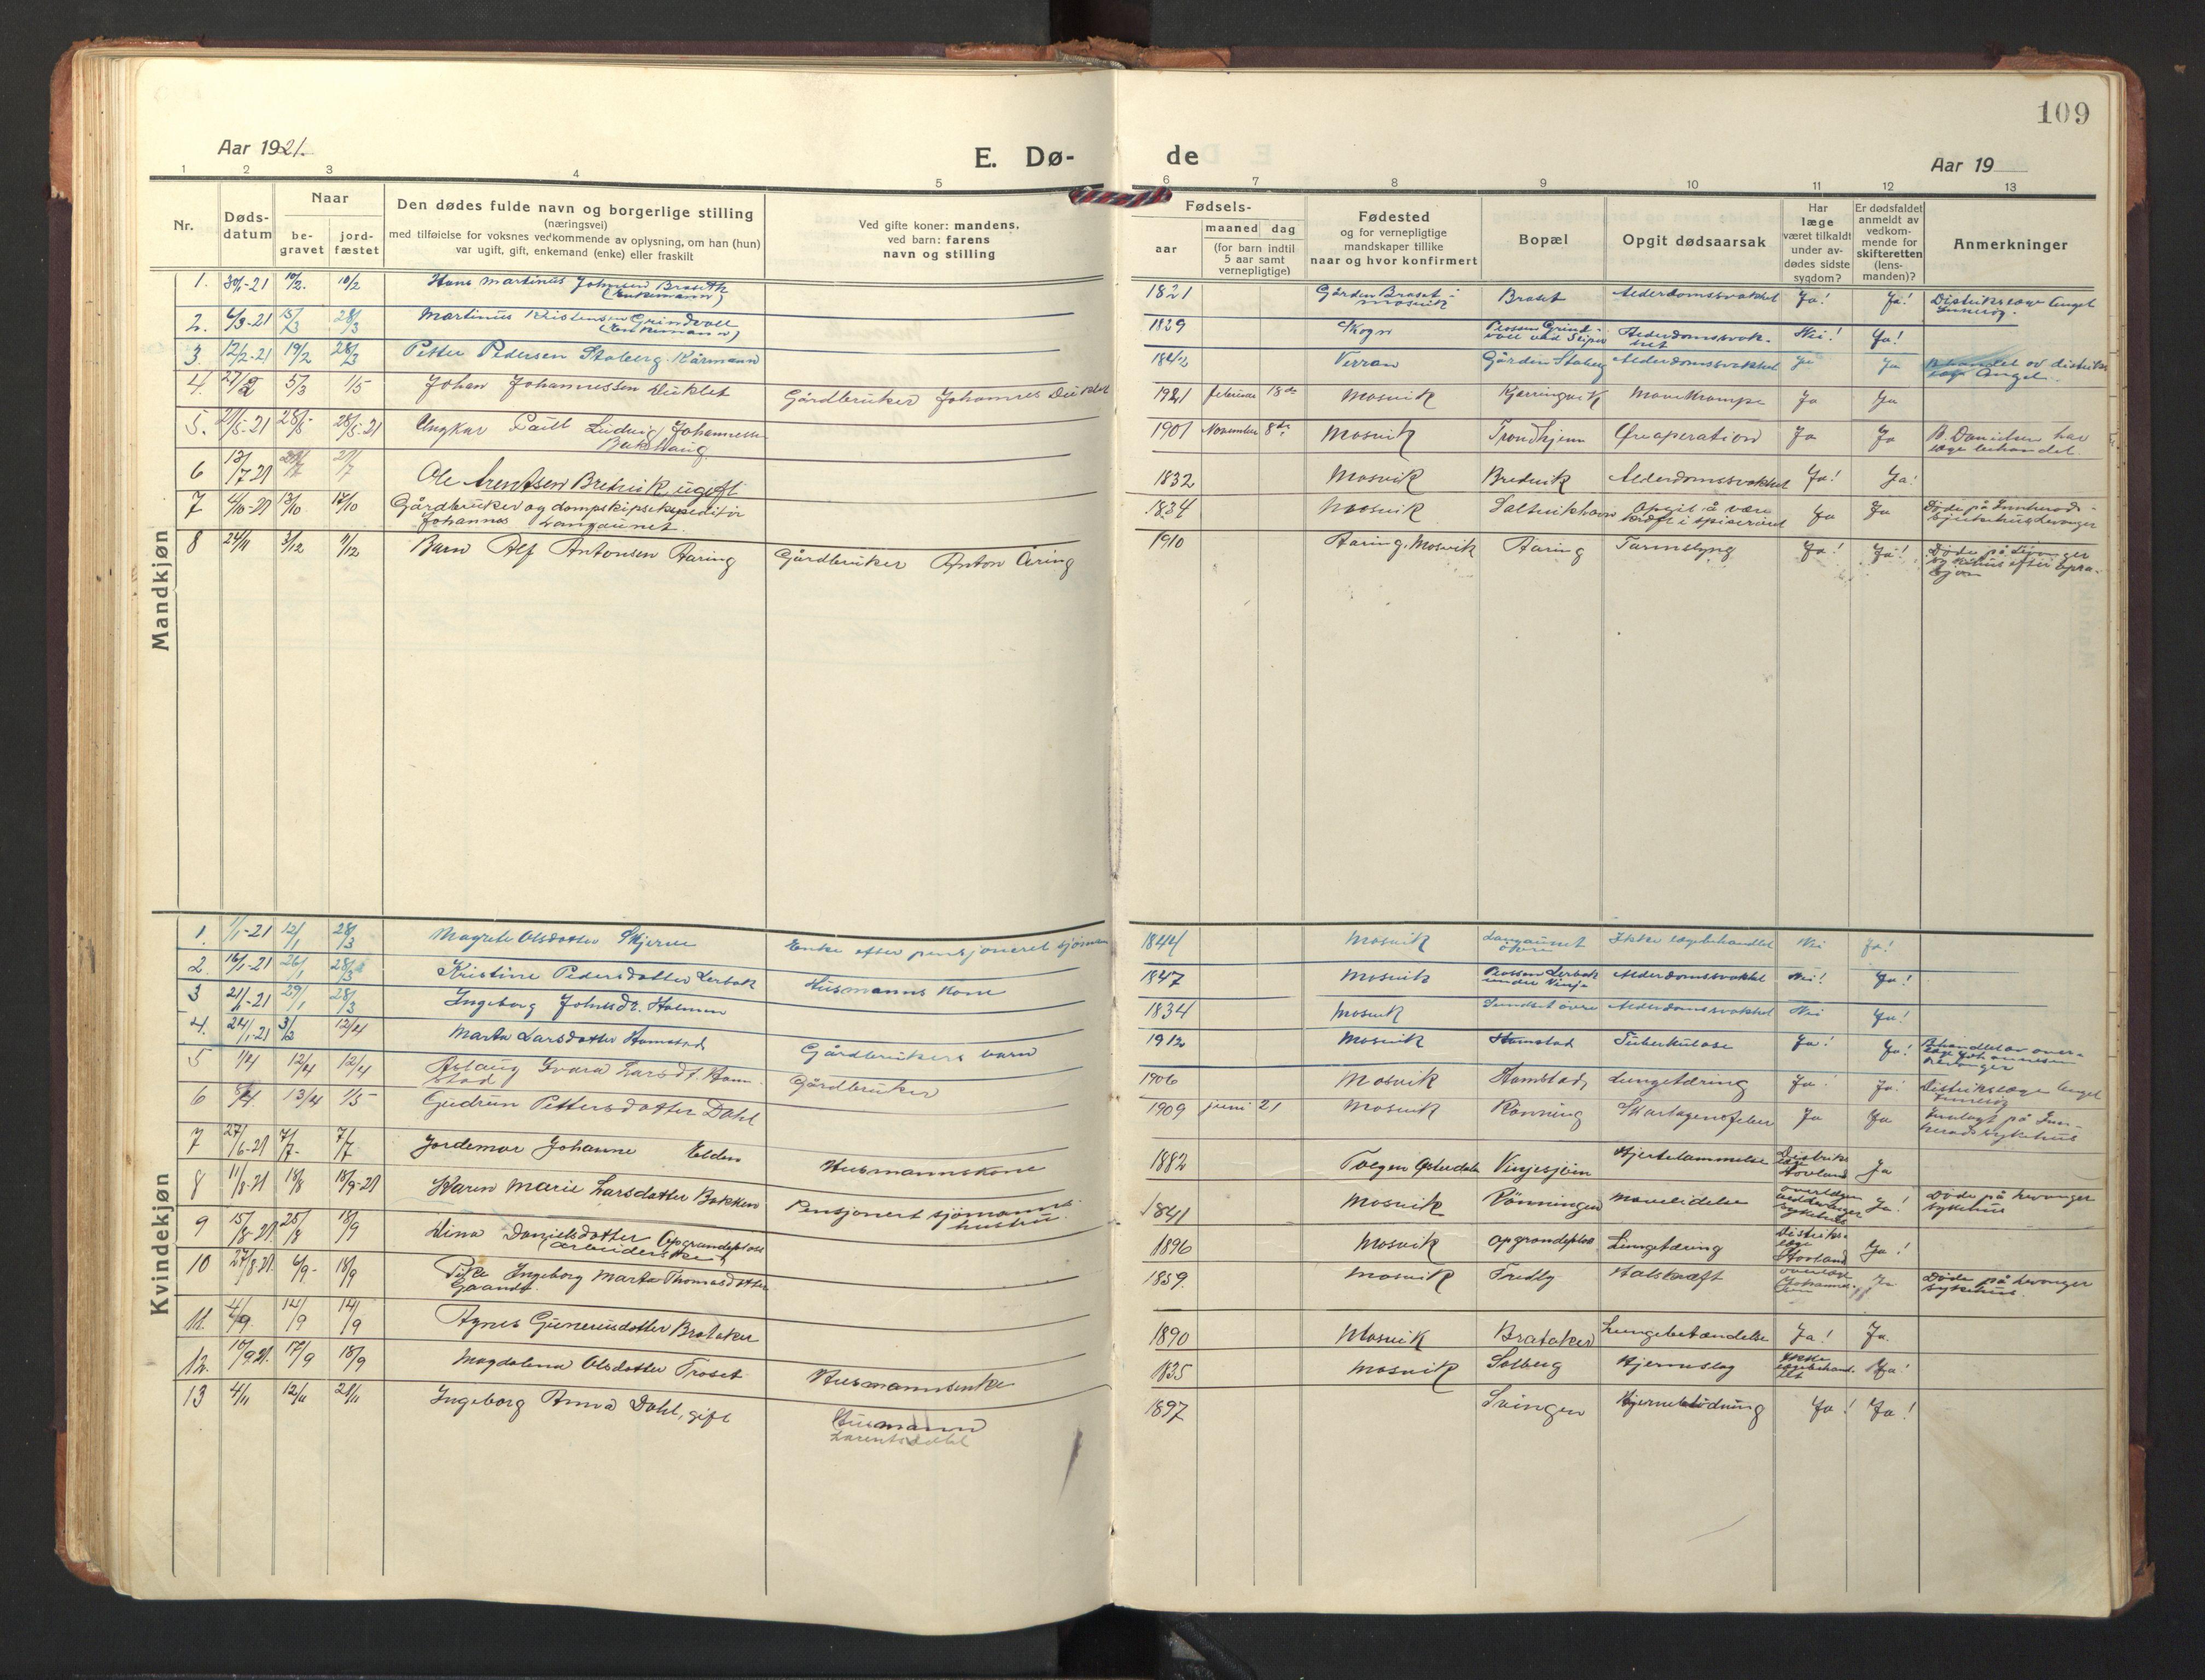 SAT, Ministerialprotokoller, klokkerbøker og fødselsregistre - Nord-Trøndelag, 733/L0328: Klokkerbok nr. 733C03, 1919-1966, s. 109